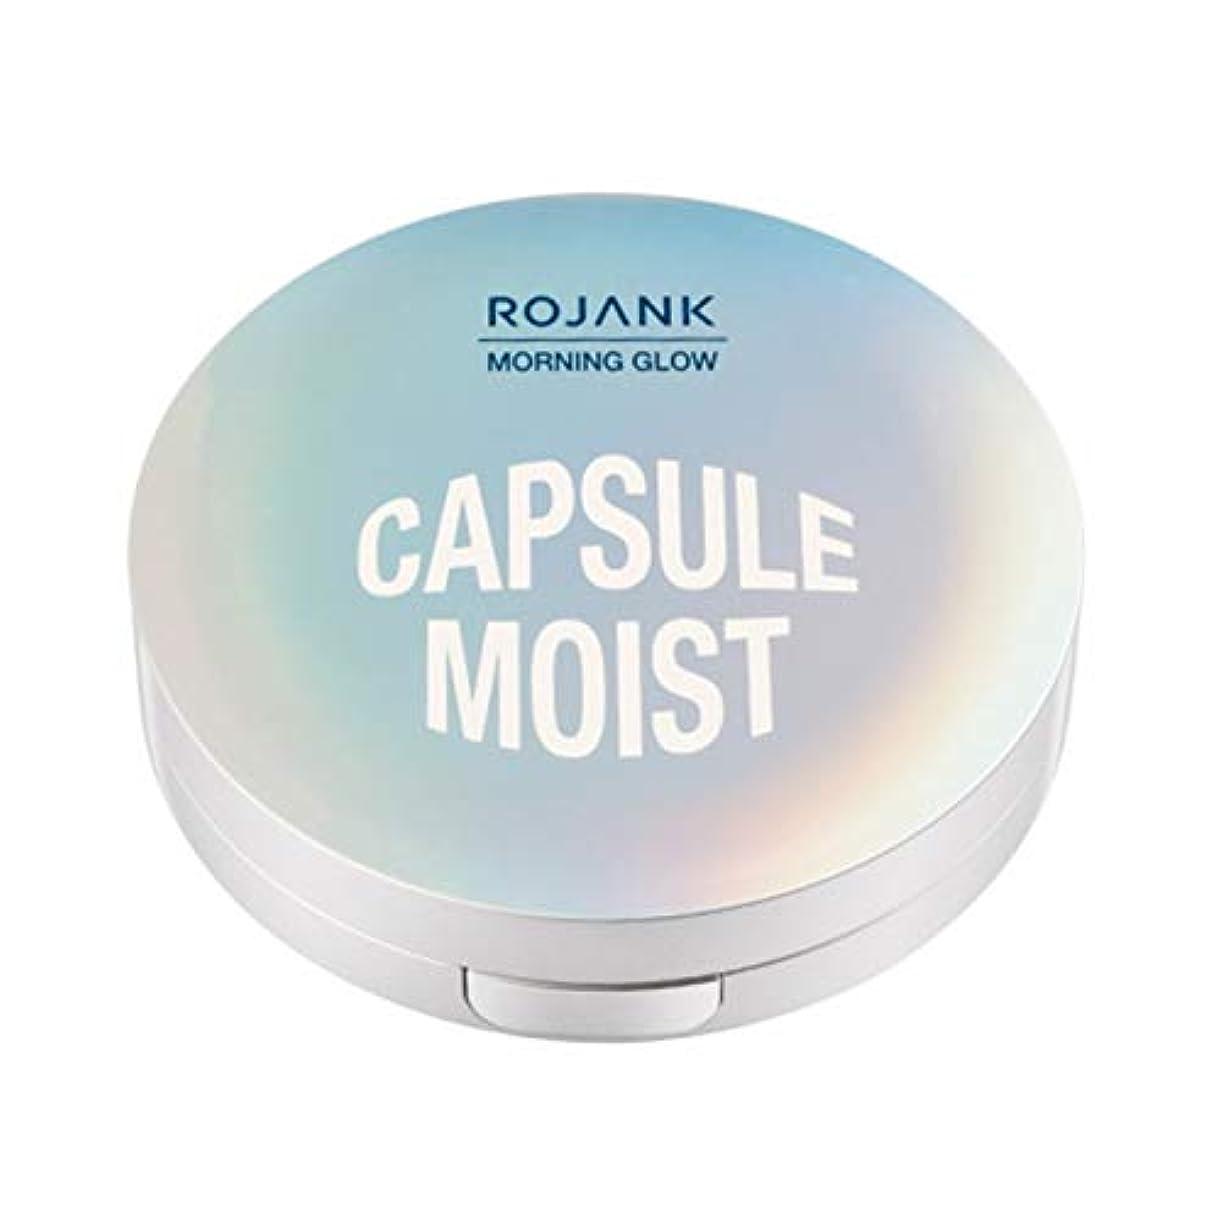 火曜日剥ぎ取る歯[ROJANK/ロジャンク] Morning Glow Capsule Moist BB #21 / モーニンググローカプセルモイストBB #21 14g Skingarden/スキンガーデン (#21.Light Beige...